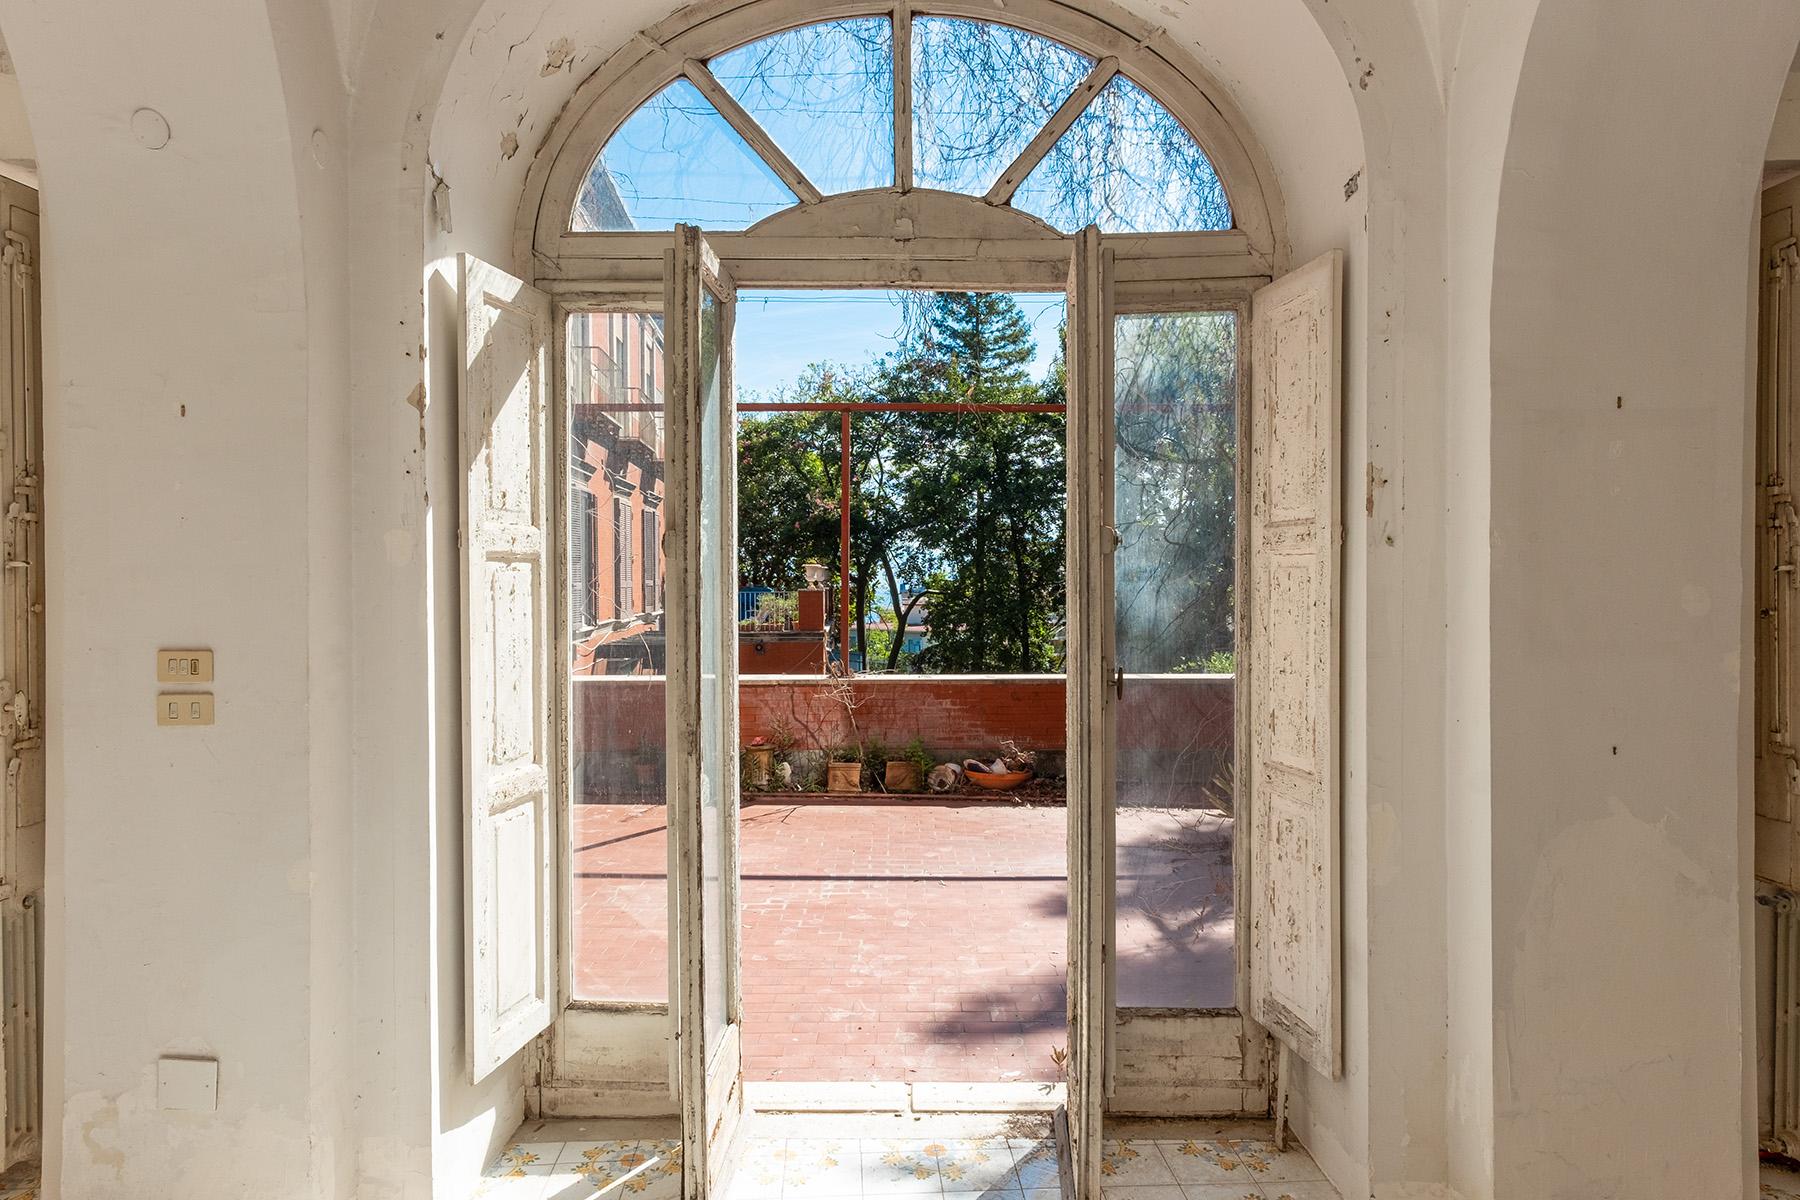 Casa indipendente in Vendita a Napoli: 5 locali, 300 mq - Foto 8